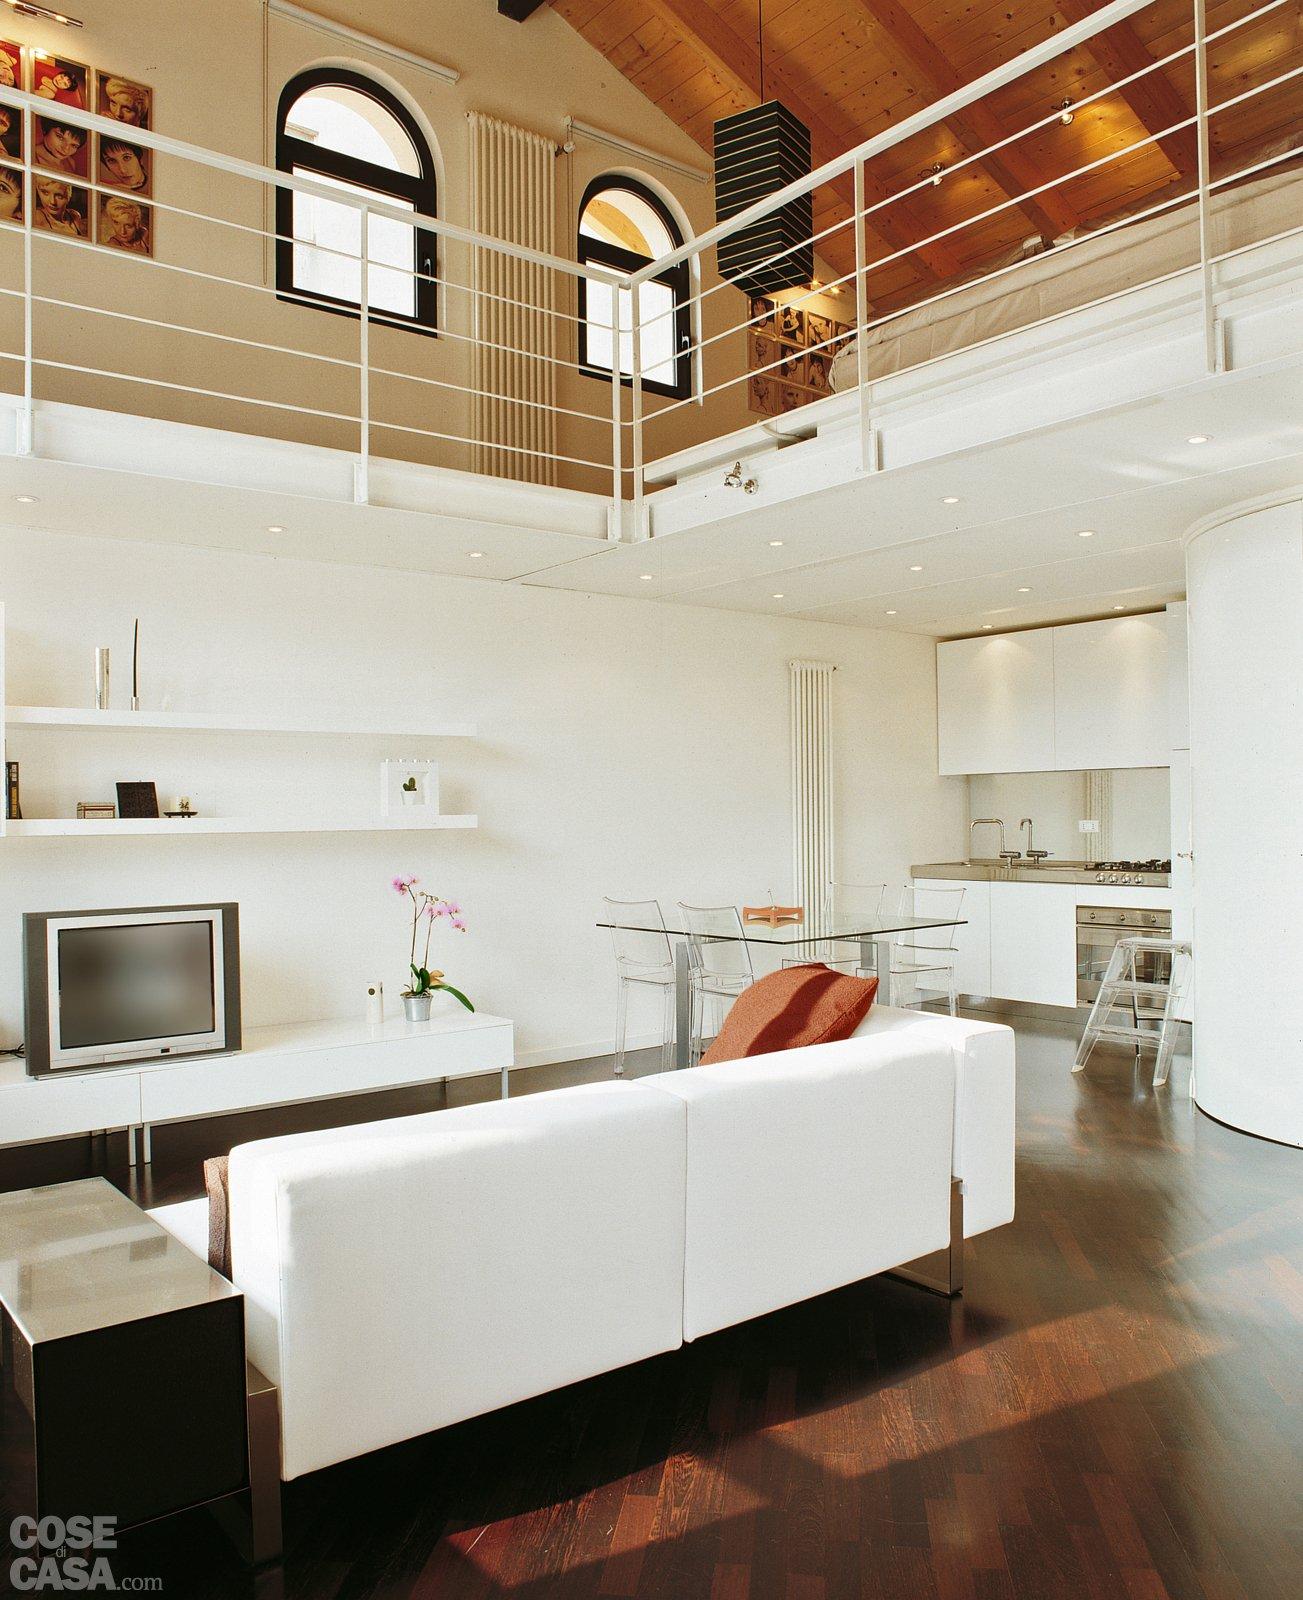 Altezza soppalco idee creative e innovative sulla casa e - Cucina con soppalco ...